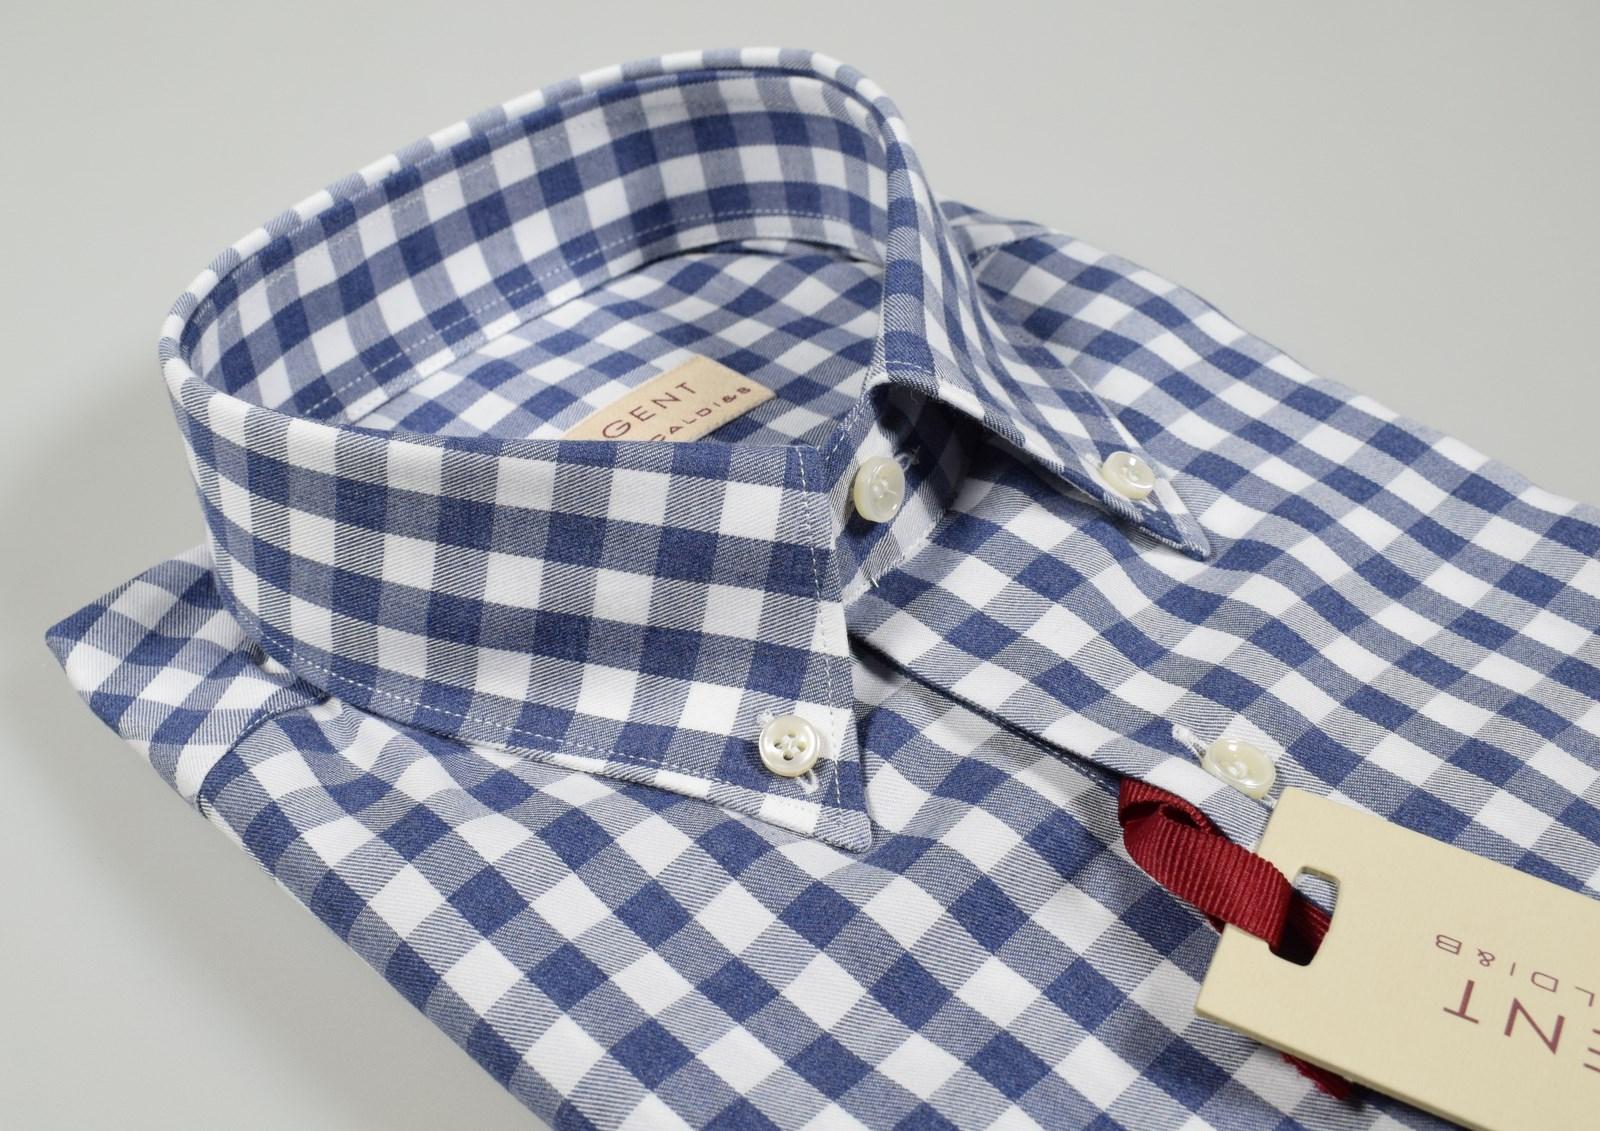 7d399c21b6 Dettagli su Camicia in flanella rasata Pancaldi collo Button Down con  taschino Regular Fit